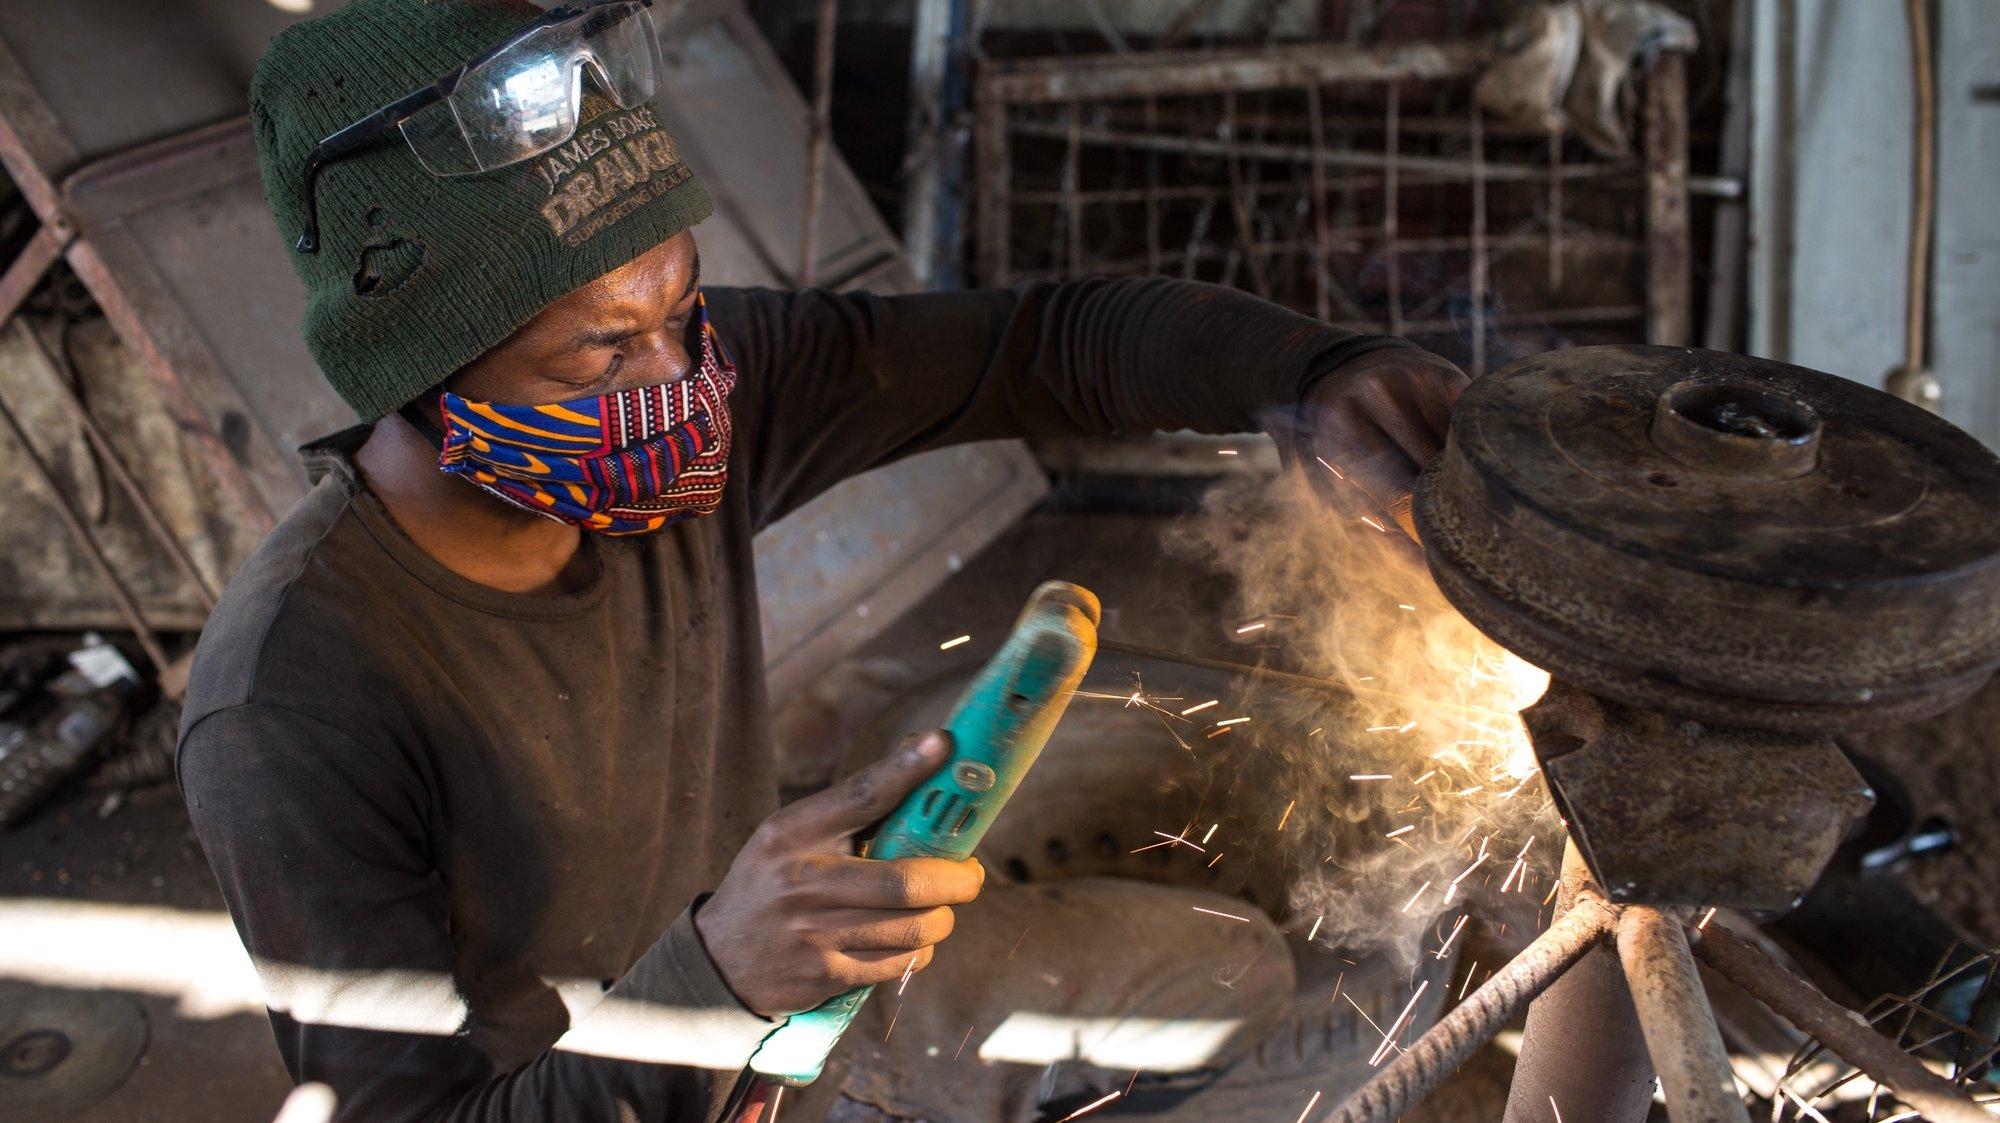 """As """"tchovas"""", grandes carros de mão para circular pelas ruas, são uma imagem de marca de Moçambique e um instrumento de trabalho muito usado para o desenvolvimento de pequenos negócios, na sua maioria informais, Maputo, Moçambique, 2 de julho de 2020. Um sinal do grande impacto da covid-19 na economia revela-se pela forma como a atividade abrandou numa serralharia de 'tchovas' em Maputo. (ACOMPANHA TEXTO DE 13 DE JULHO DE 2020). RICARDO FRANCO / LUSA"""